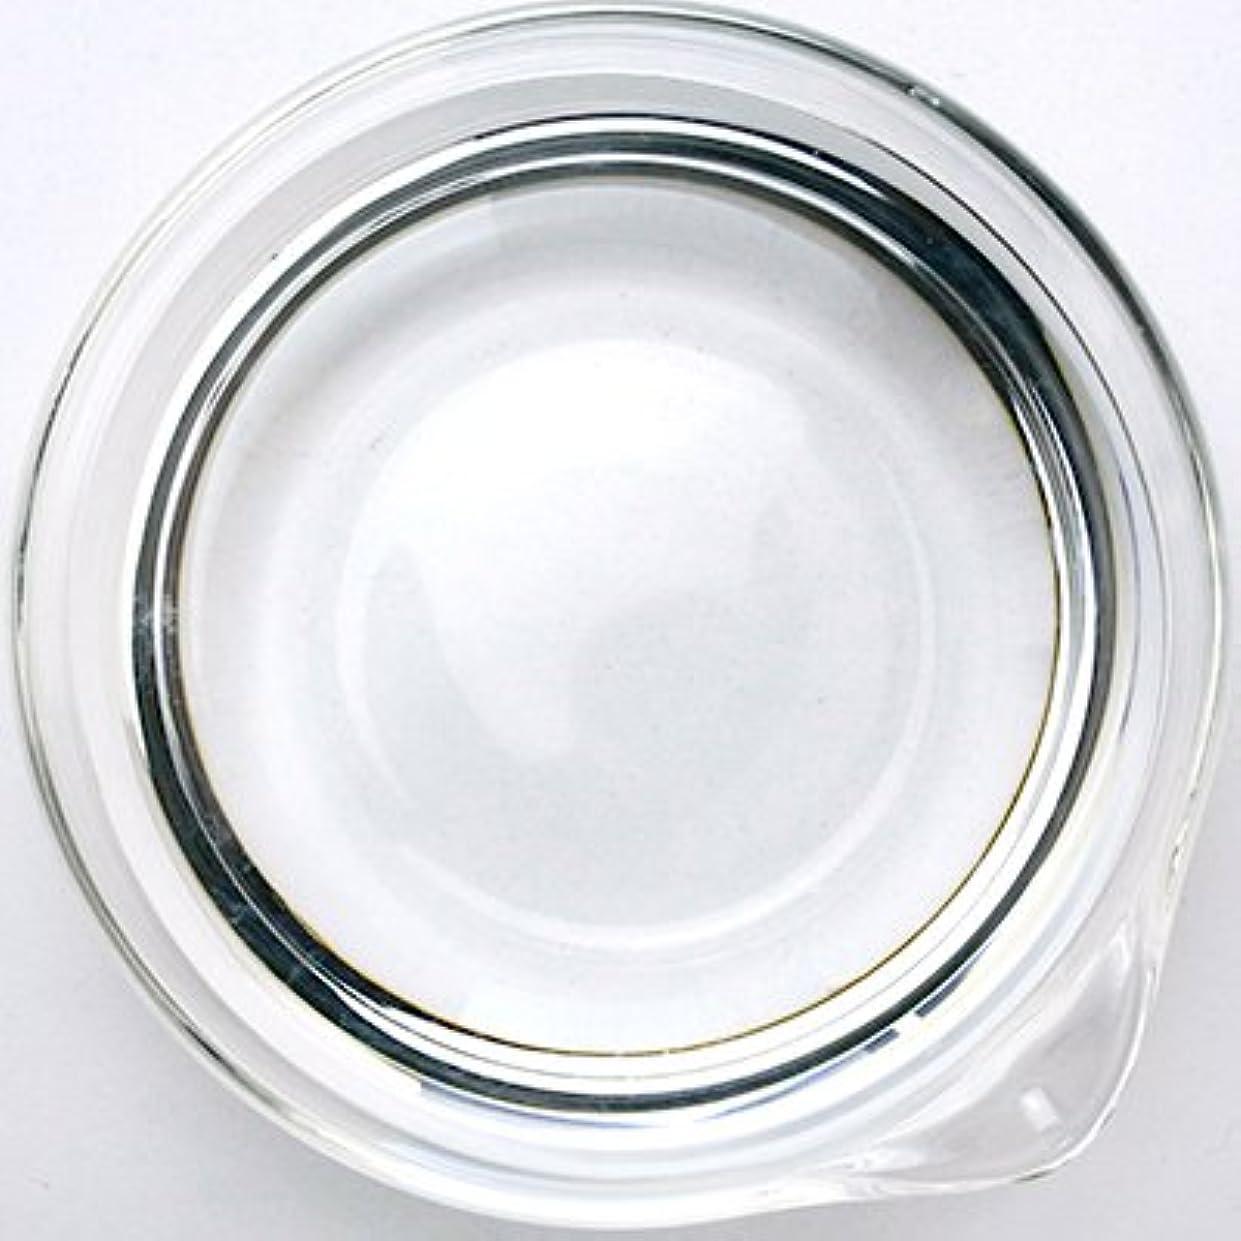 映画望ましい望み1,2-ヘキサンジオール 50ml 【防腐剤/抗菌剤/保湿剤/手作りコスメ】